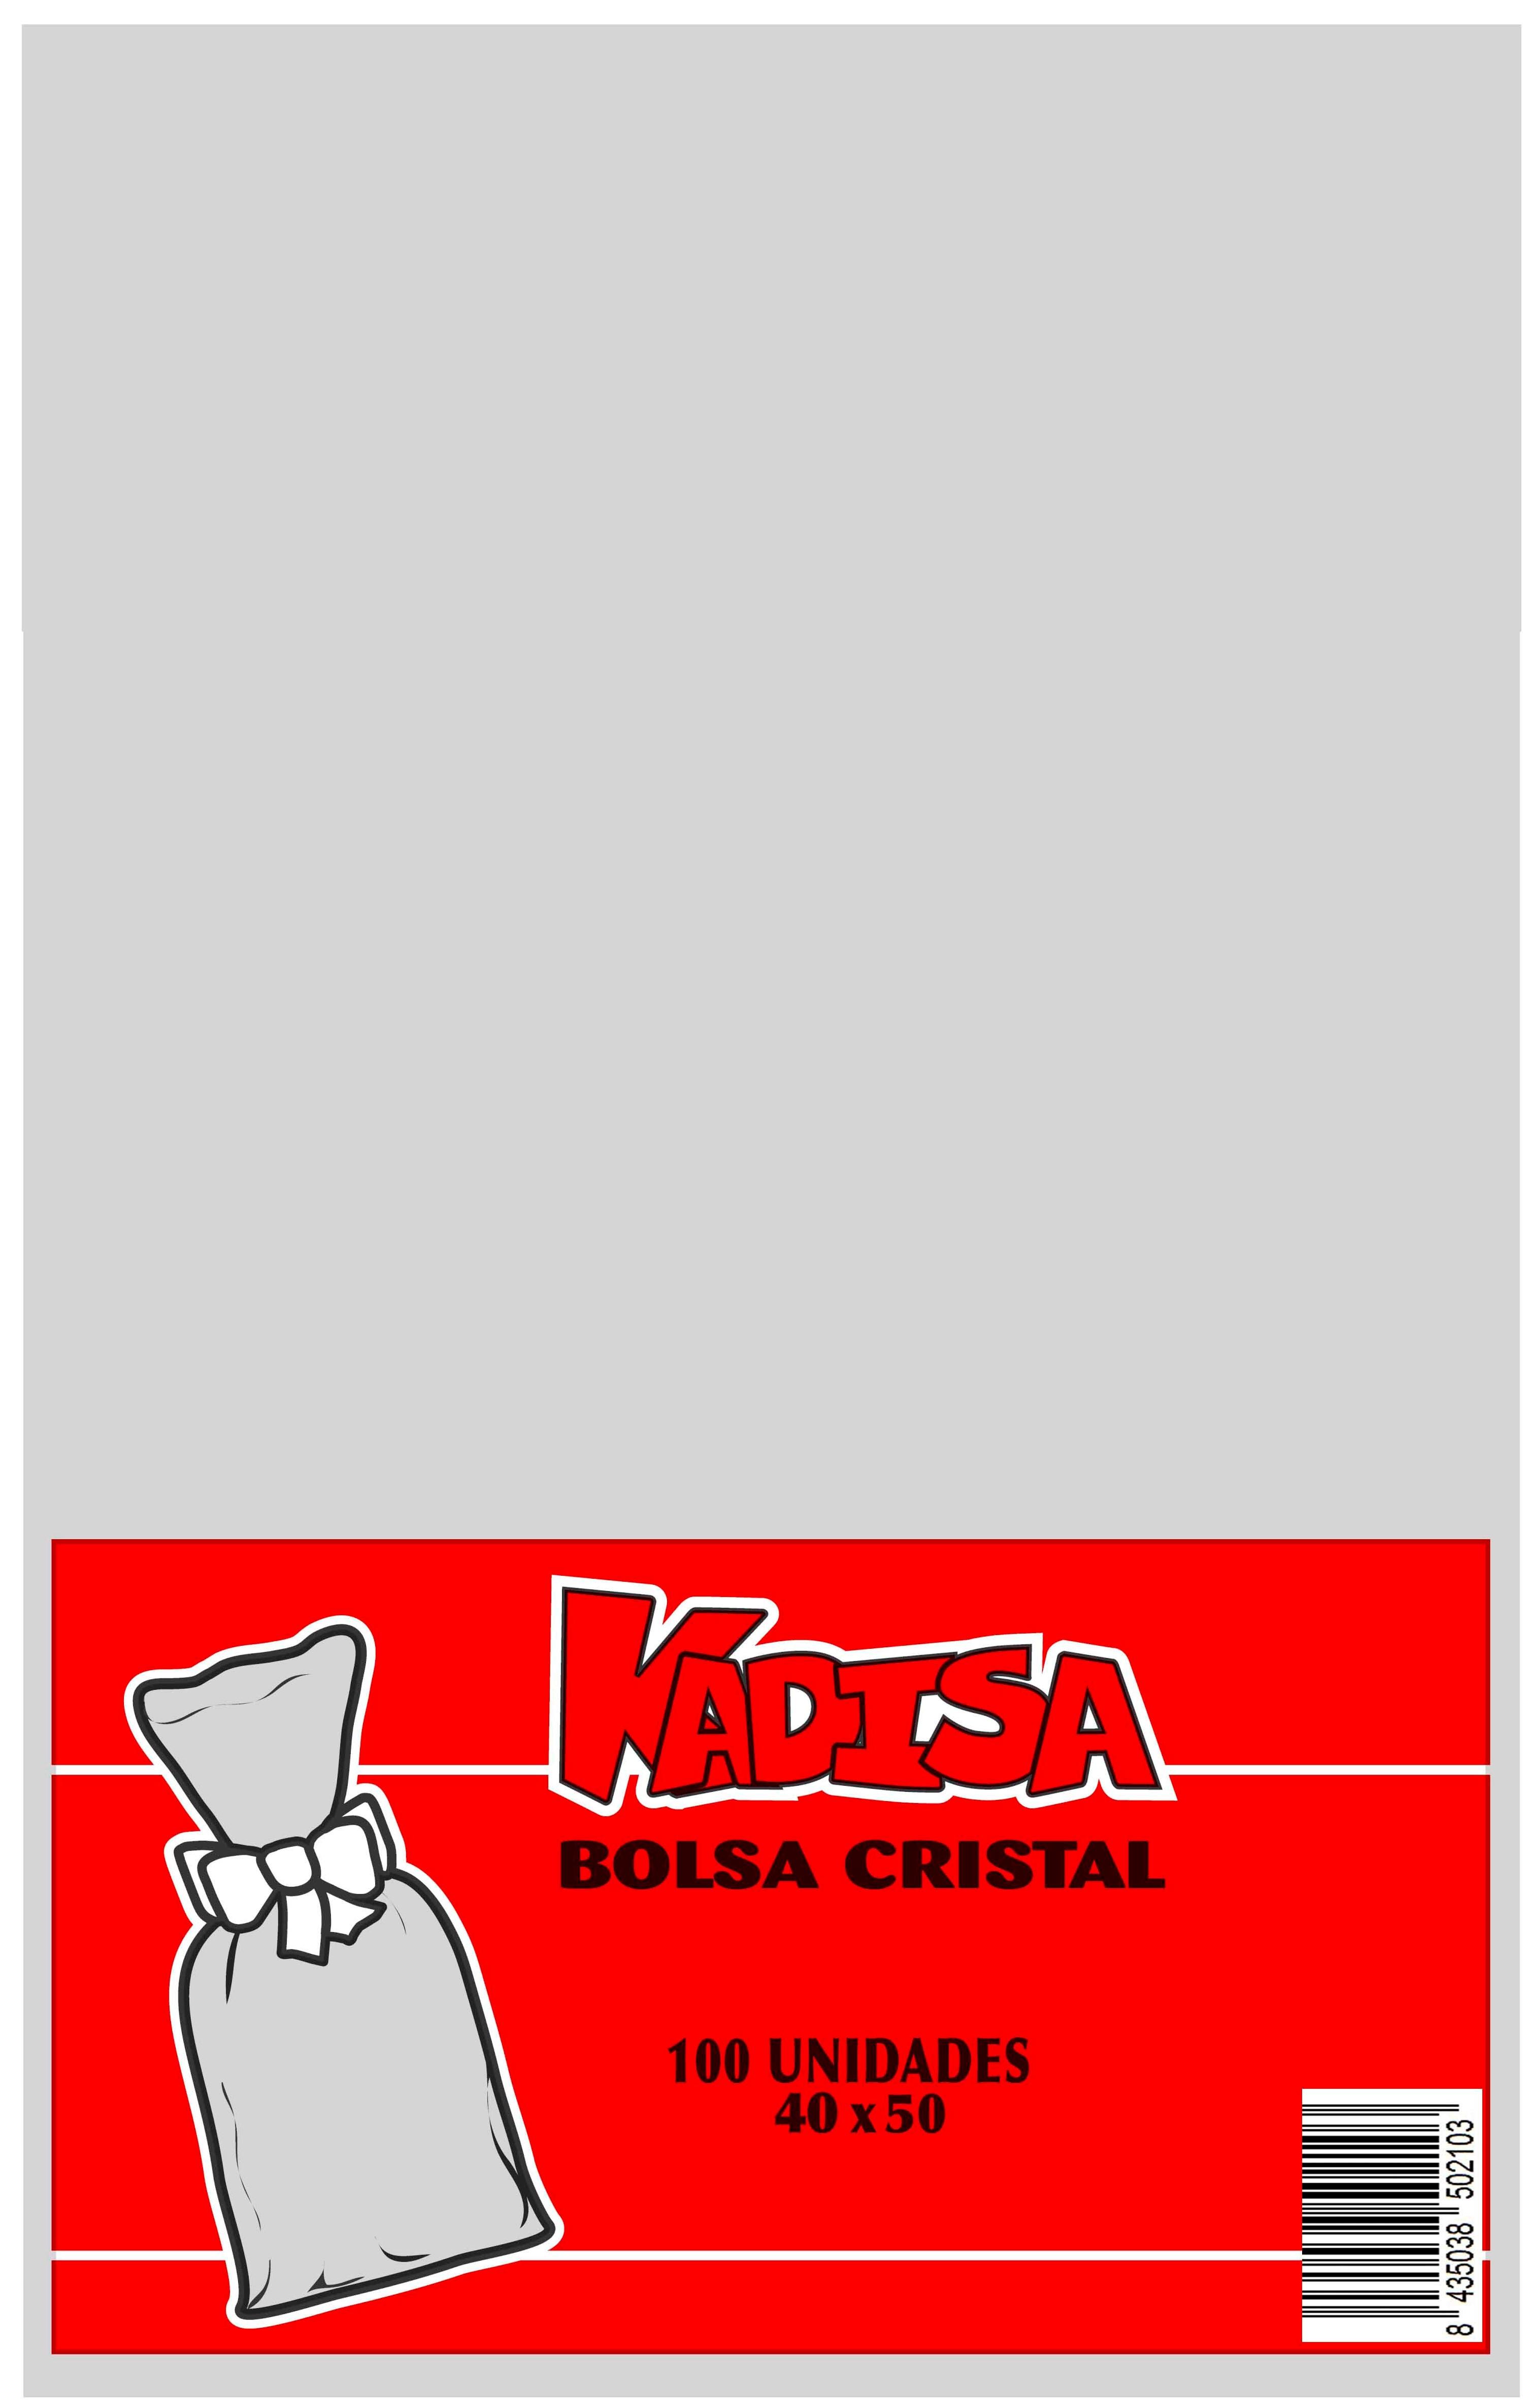 41004 Bolsa Cristal Transparente 40X50 Image